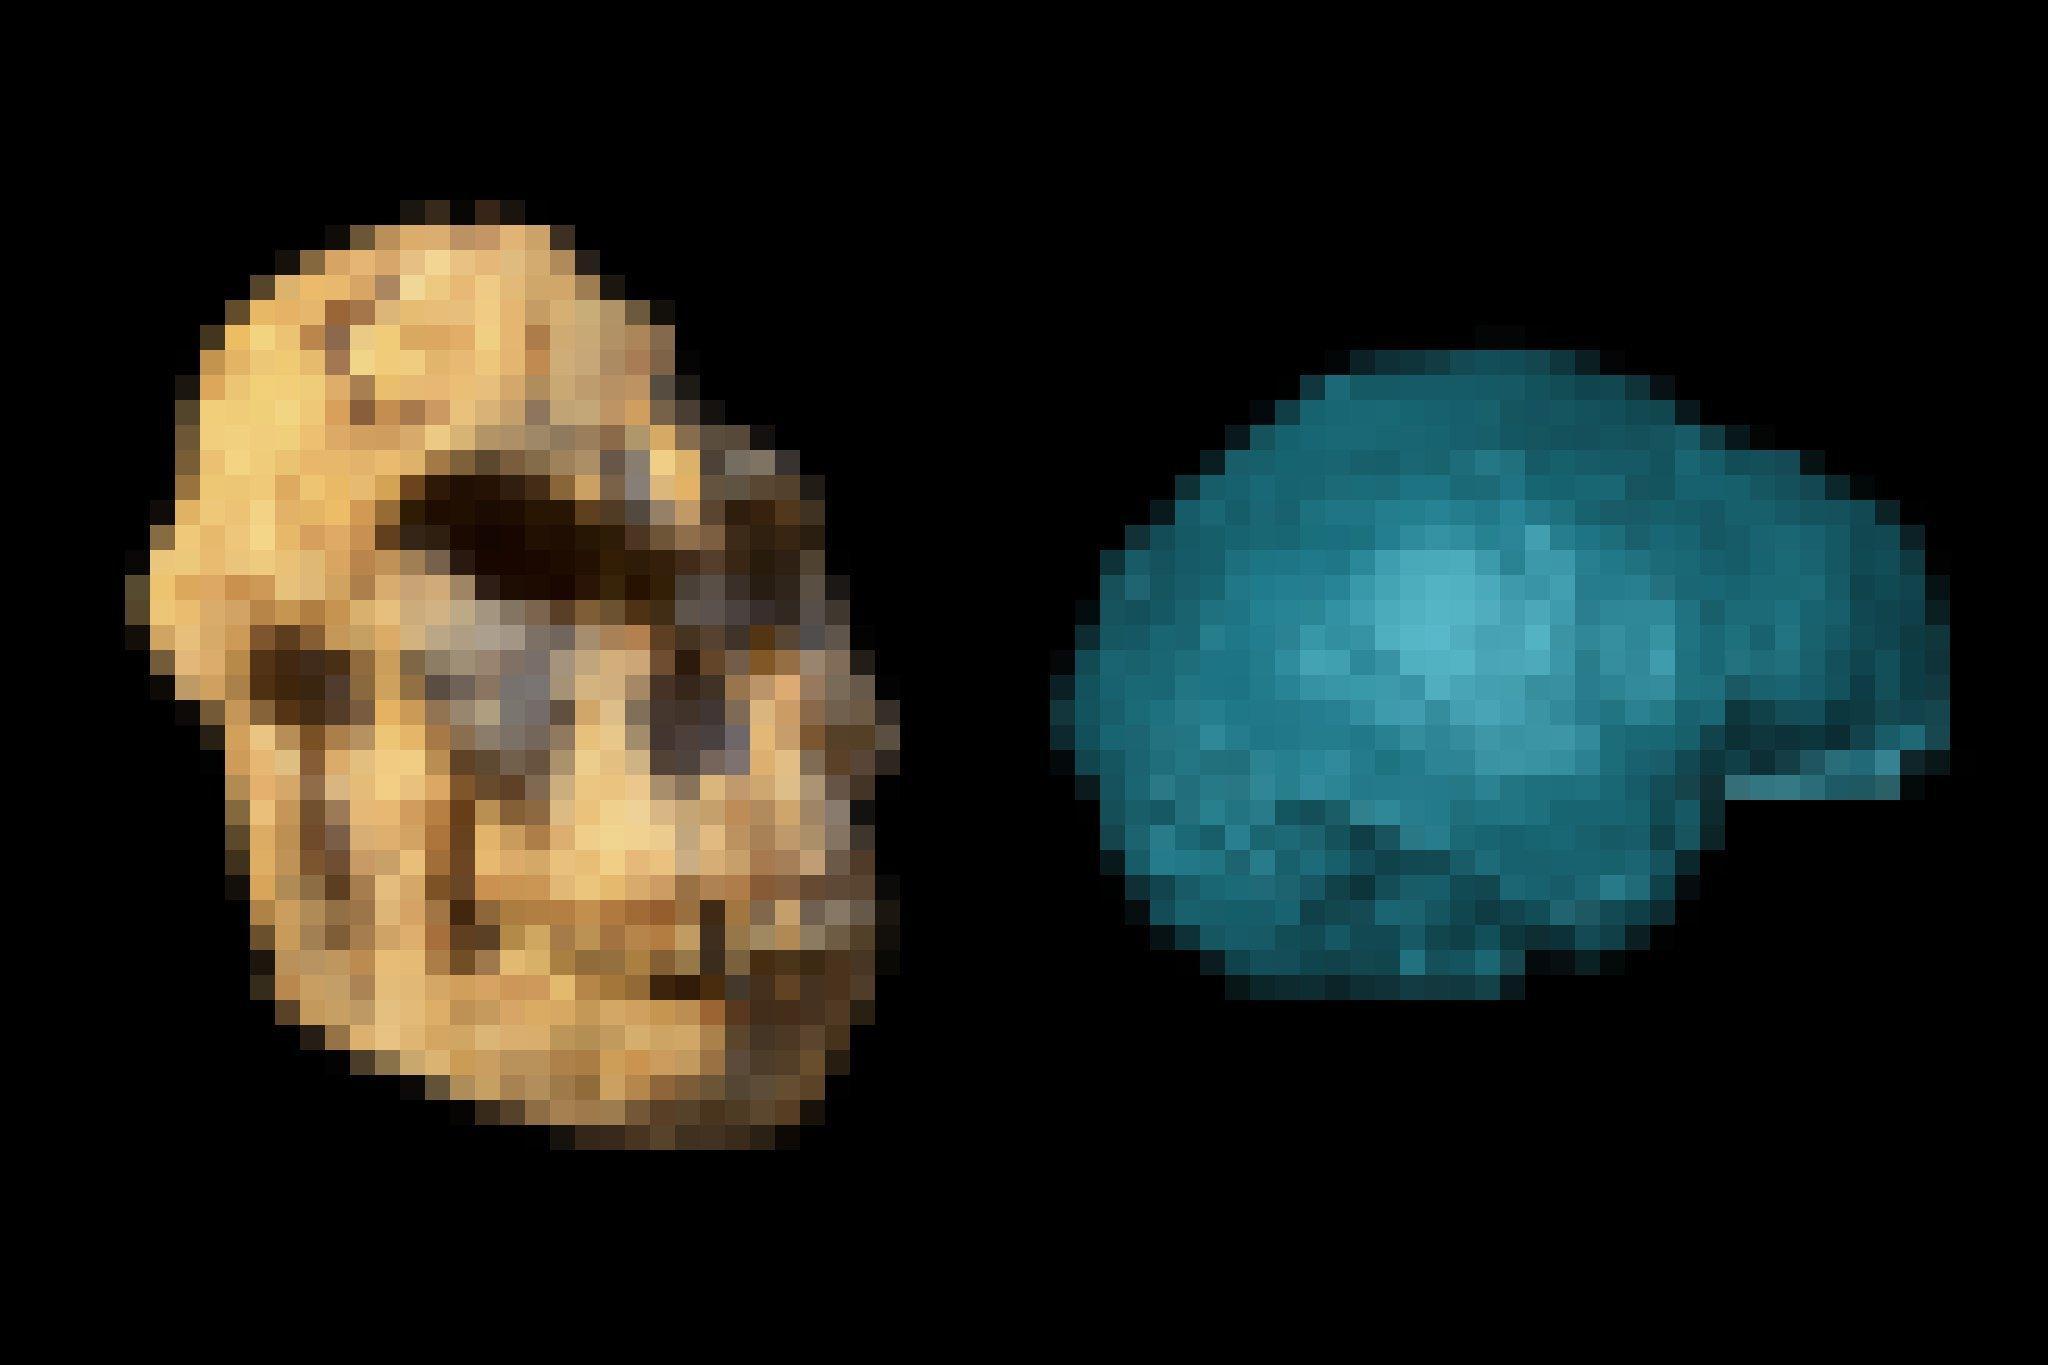 Links ist ein versteinerter, etwas verformter Schädel mit großen, vorstehenden Kieferpartien, Knochenwülsten über den Augen zu sehen, rechts die blau eingefärbte Darstellung eines Gehirnabgusses.